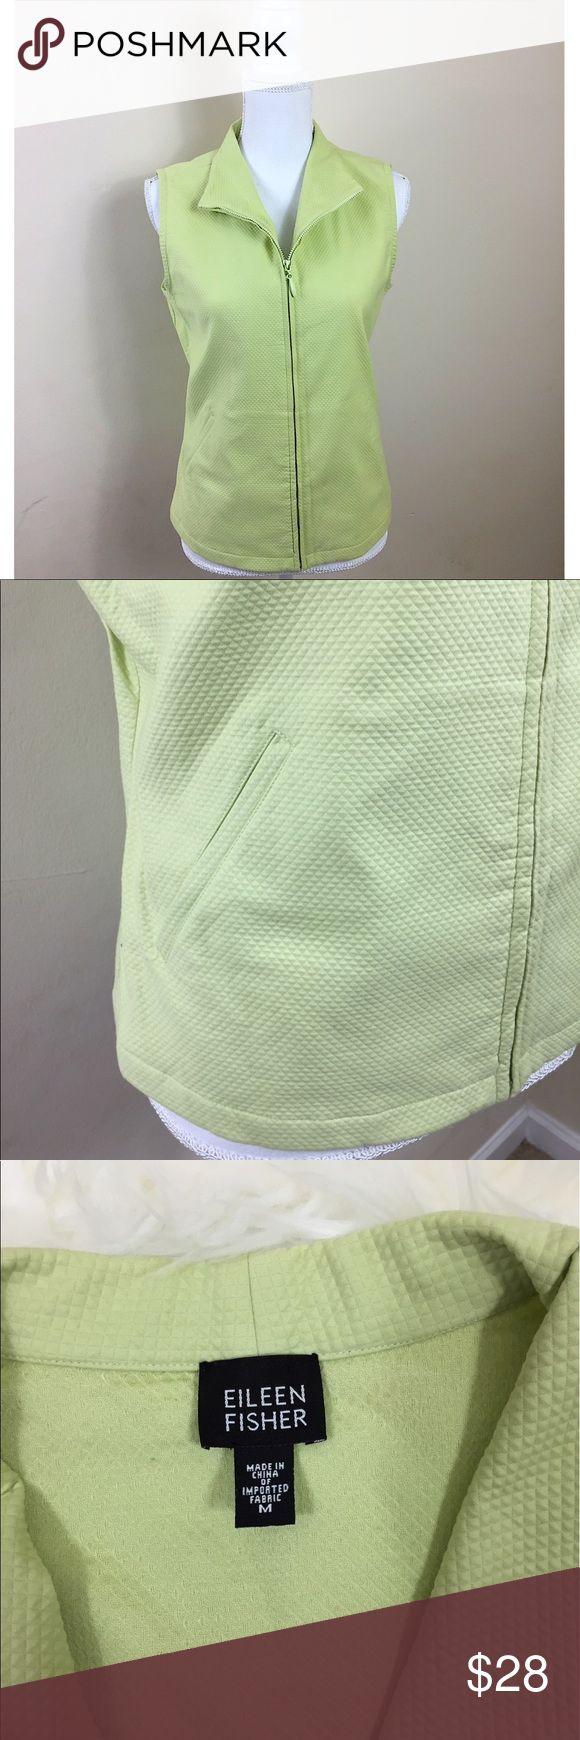 """{ Eileen Fisher } Green Zip-Up Vest Eileen Fisher light green zip up cotton vest. Has pockets. Lightweight. EUC. •Underarm to Underarm= 21"""" •Length= 24.5"""" Eileen Fisher Jackets & Coats Vests"""